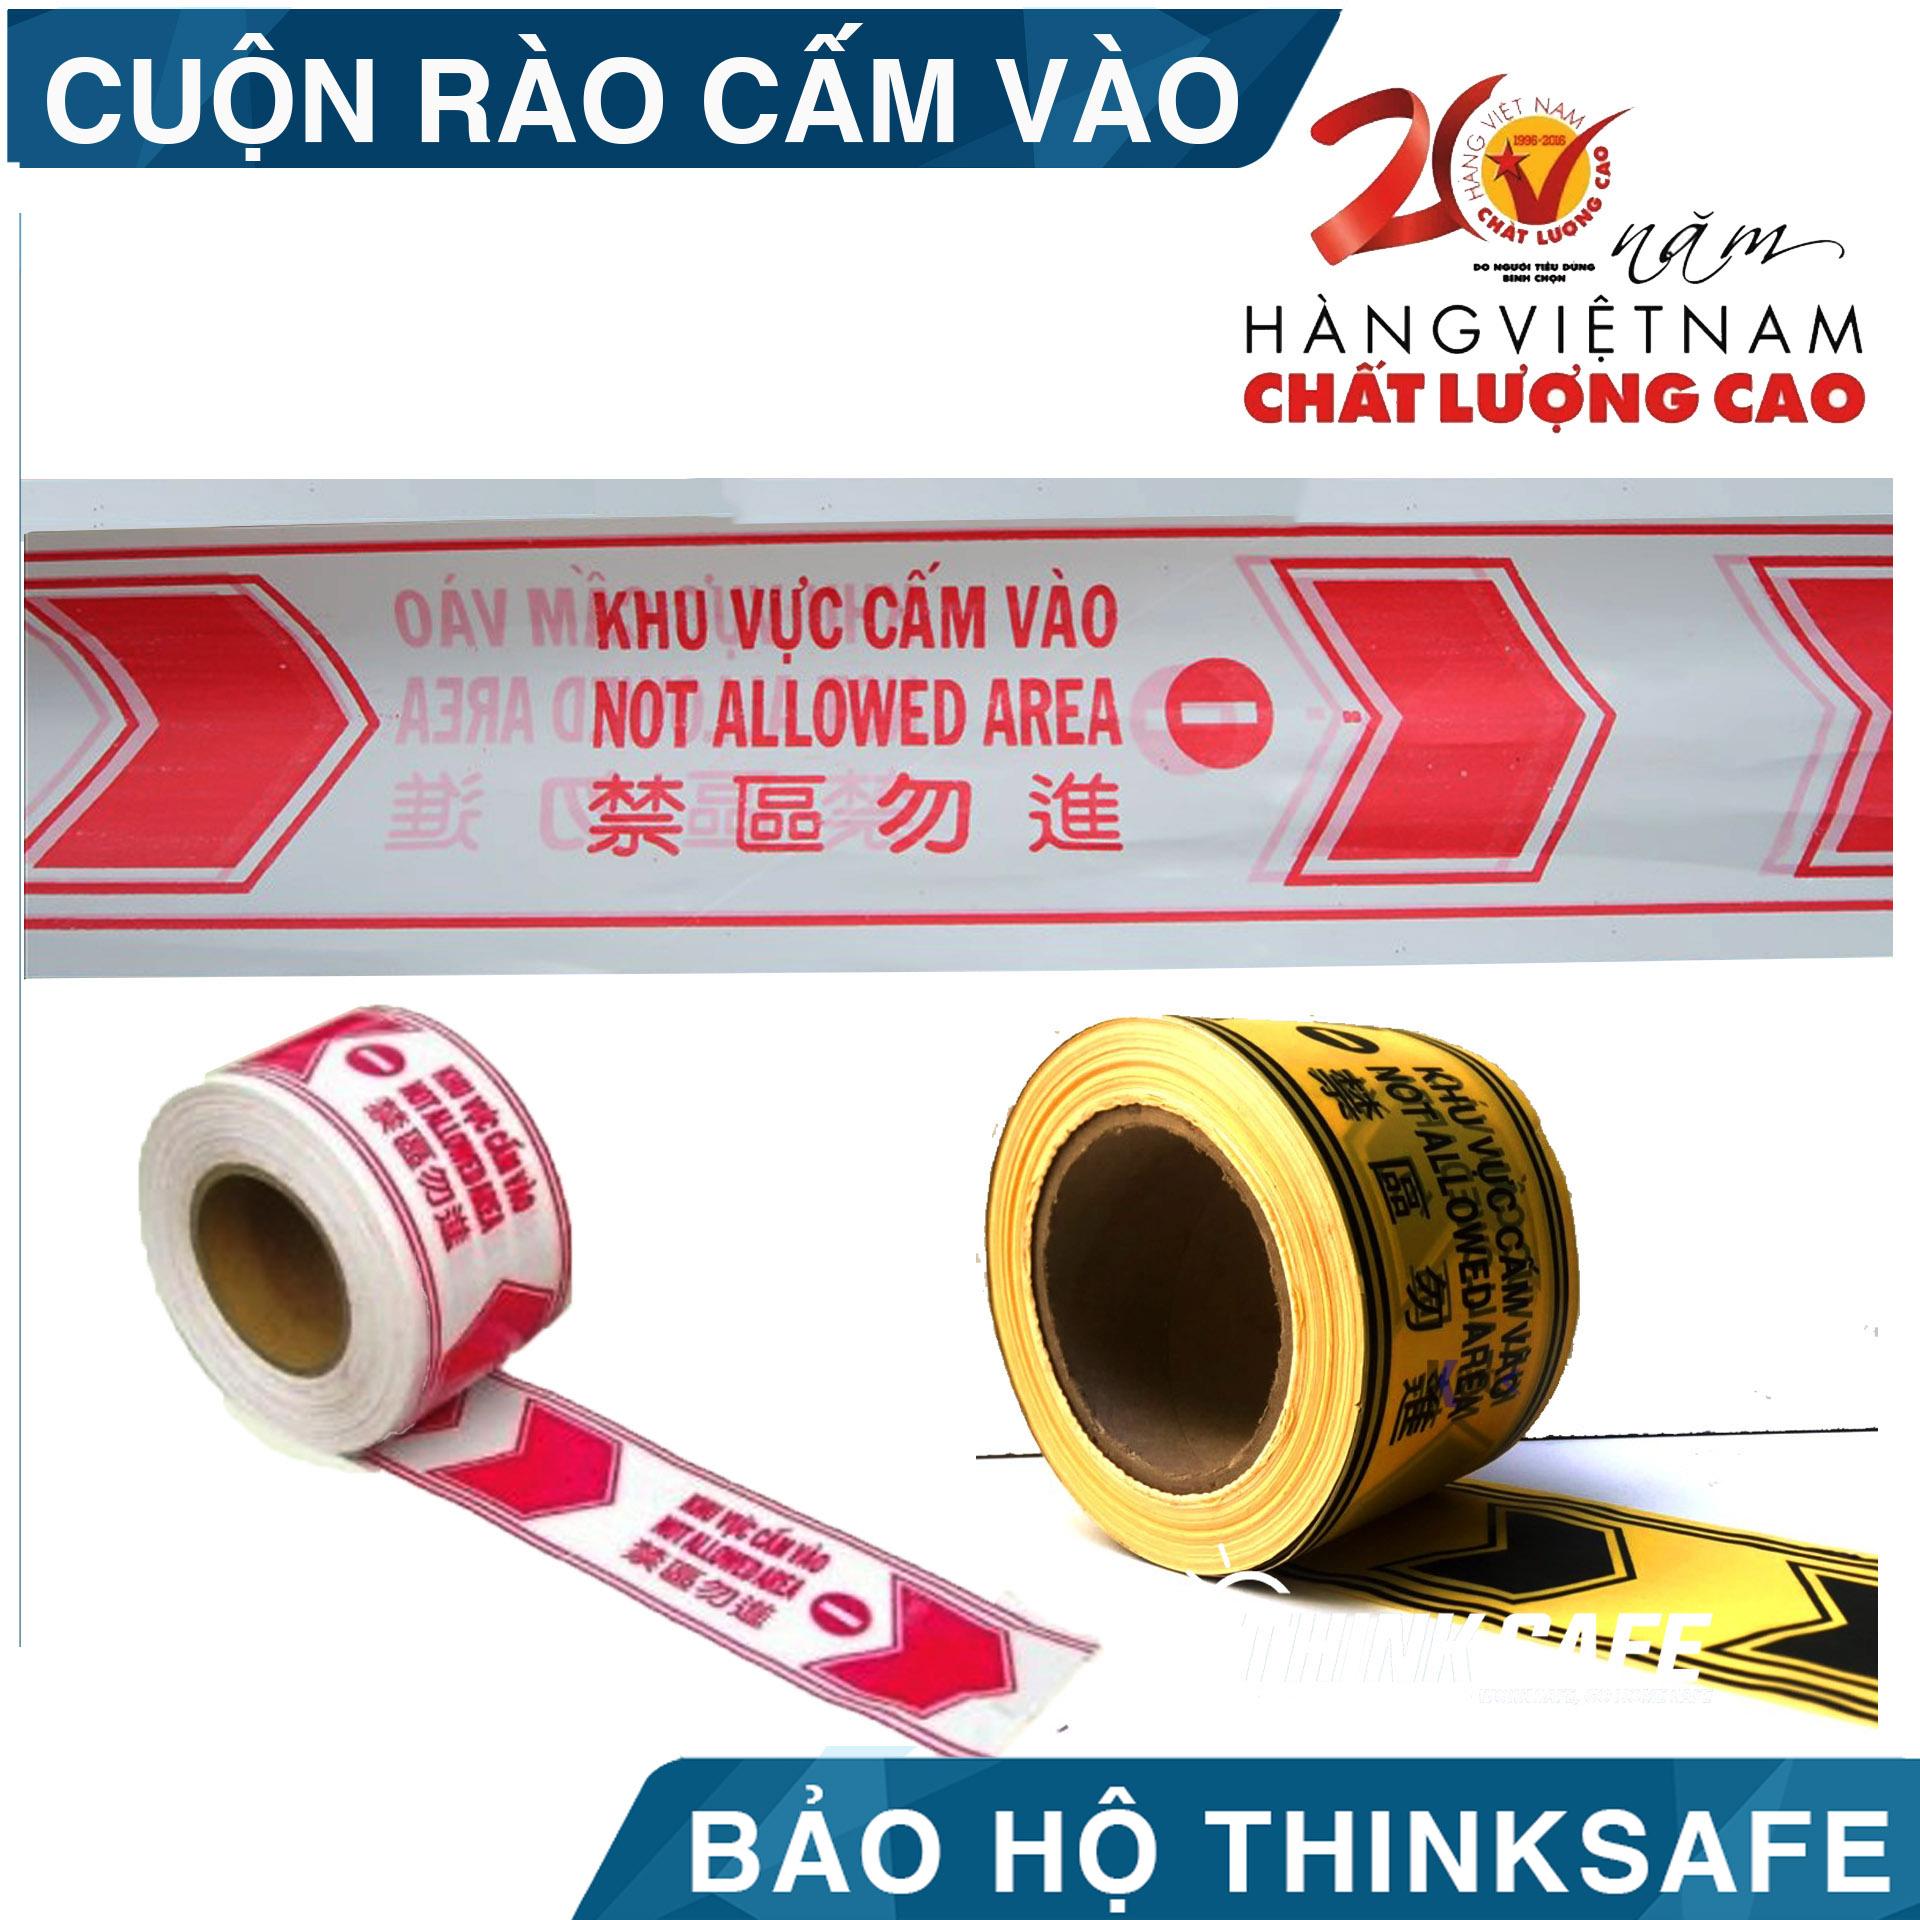 Cuộn dây cảnh báo rào chắn, cảnh báo khu vực nguy hiểm dài 100m, Cuộn rào cảnh báo có 2 màu trắng đỏ và vàng đen